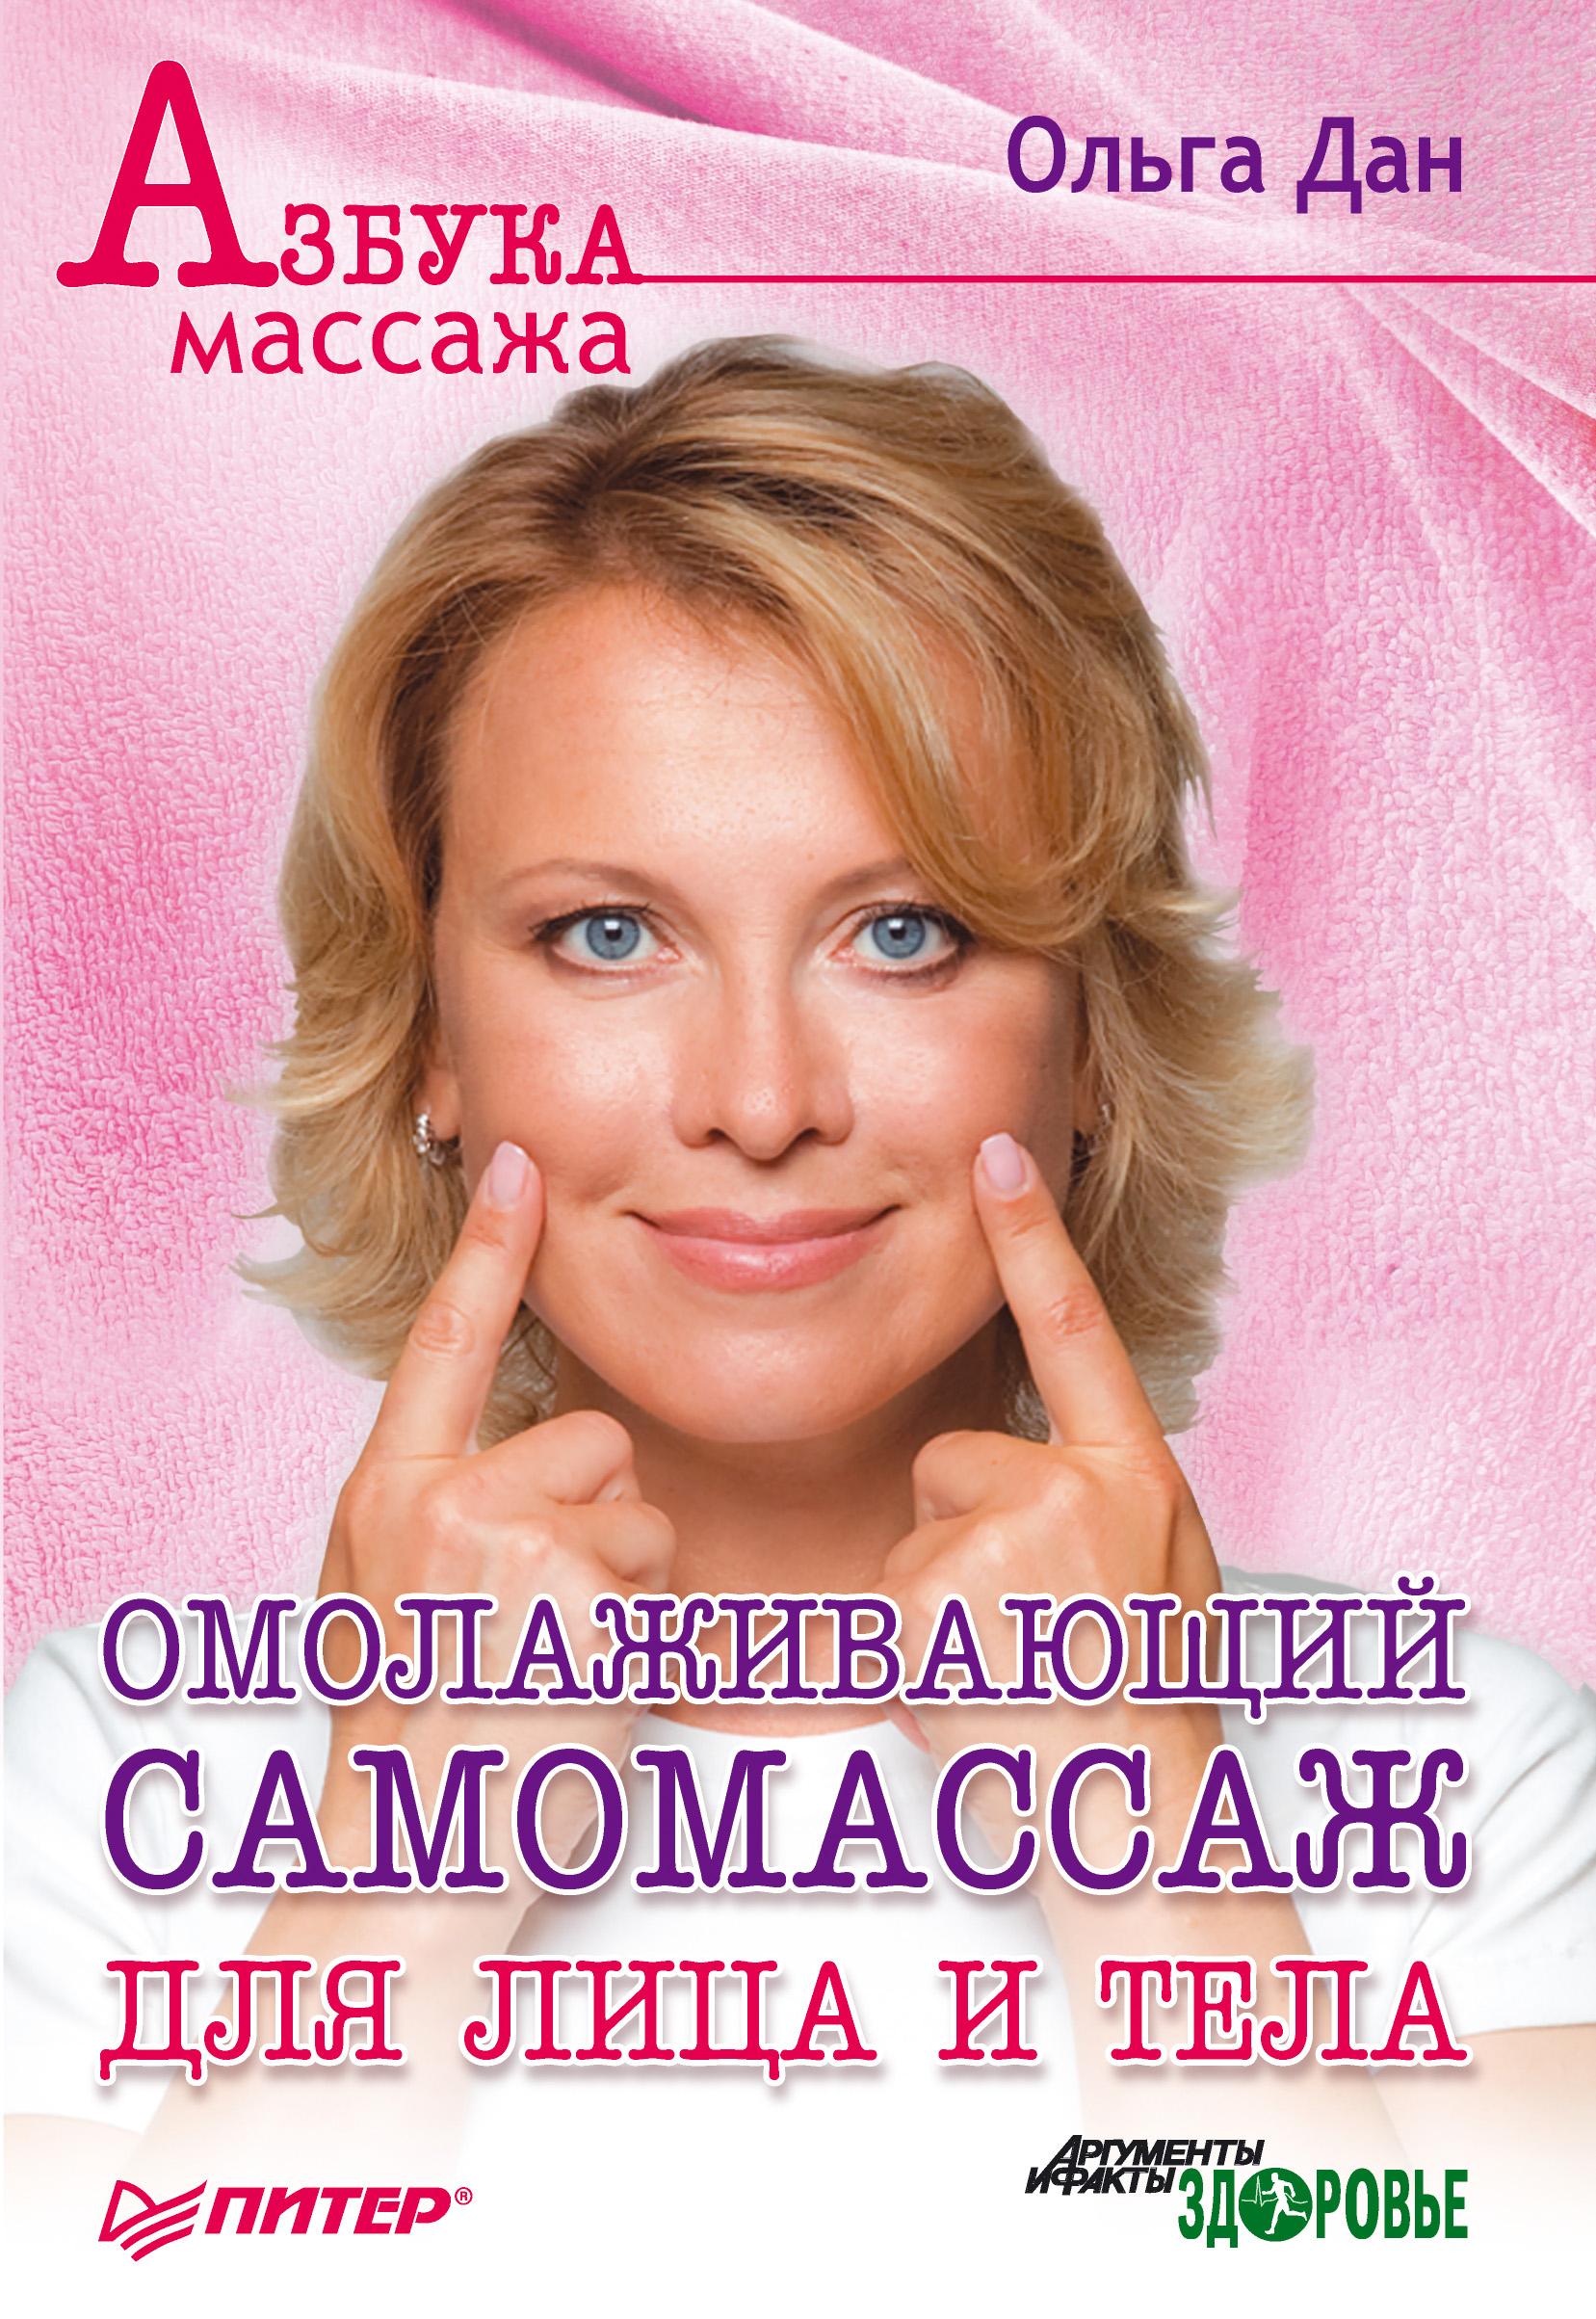 Ольга Дан Омолаживающий самомассаж для лица и тела